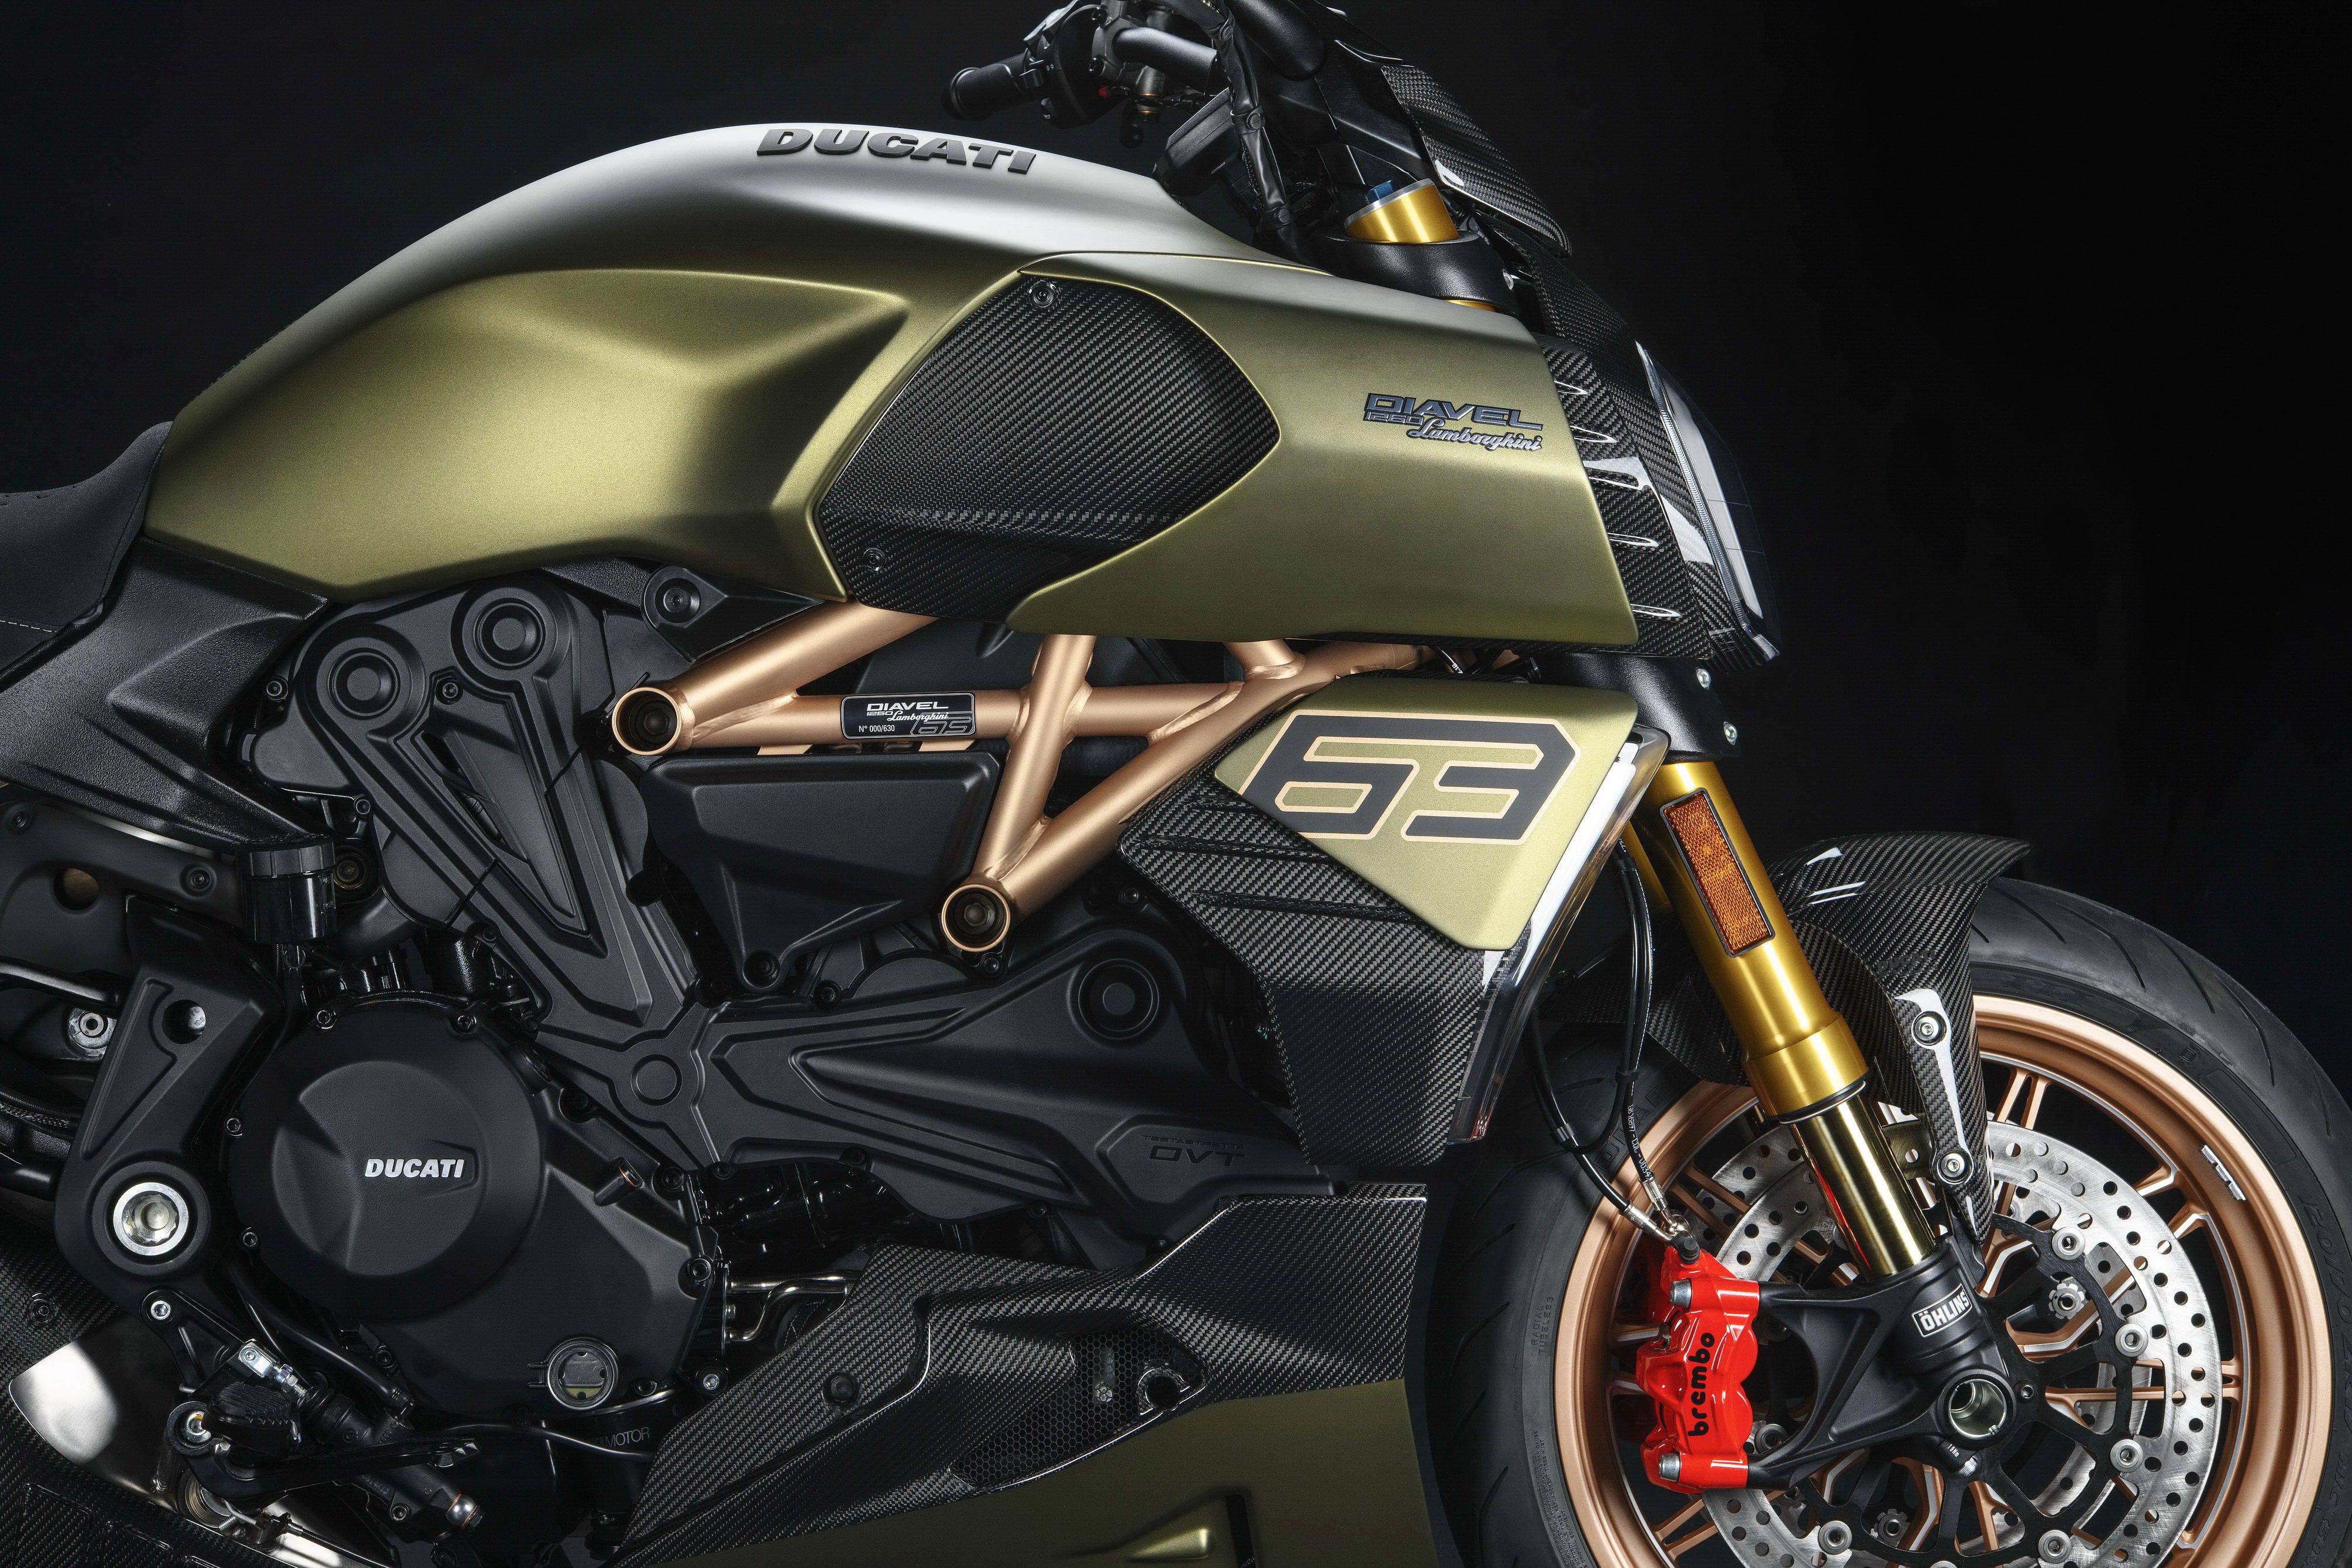 杜卡迪 Ducati魔鬼Diavel杜卡迪 2021 Diavel Lamborghini 魔鬼�m博基尼版